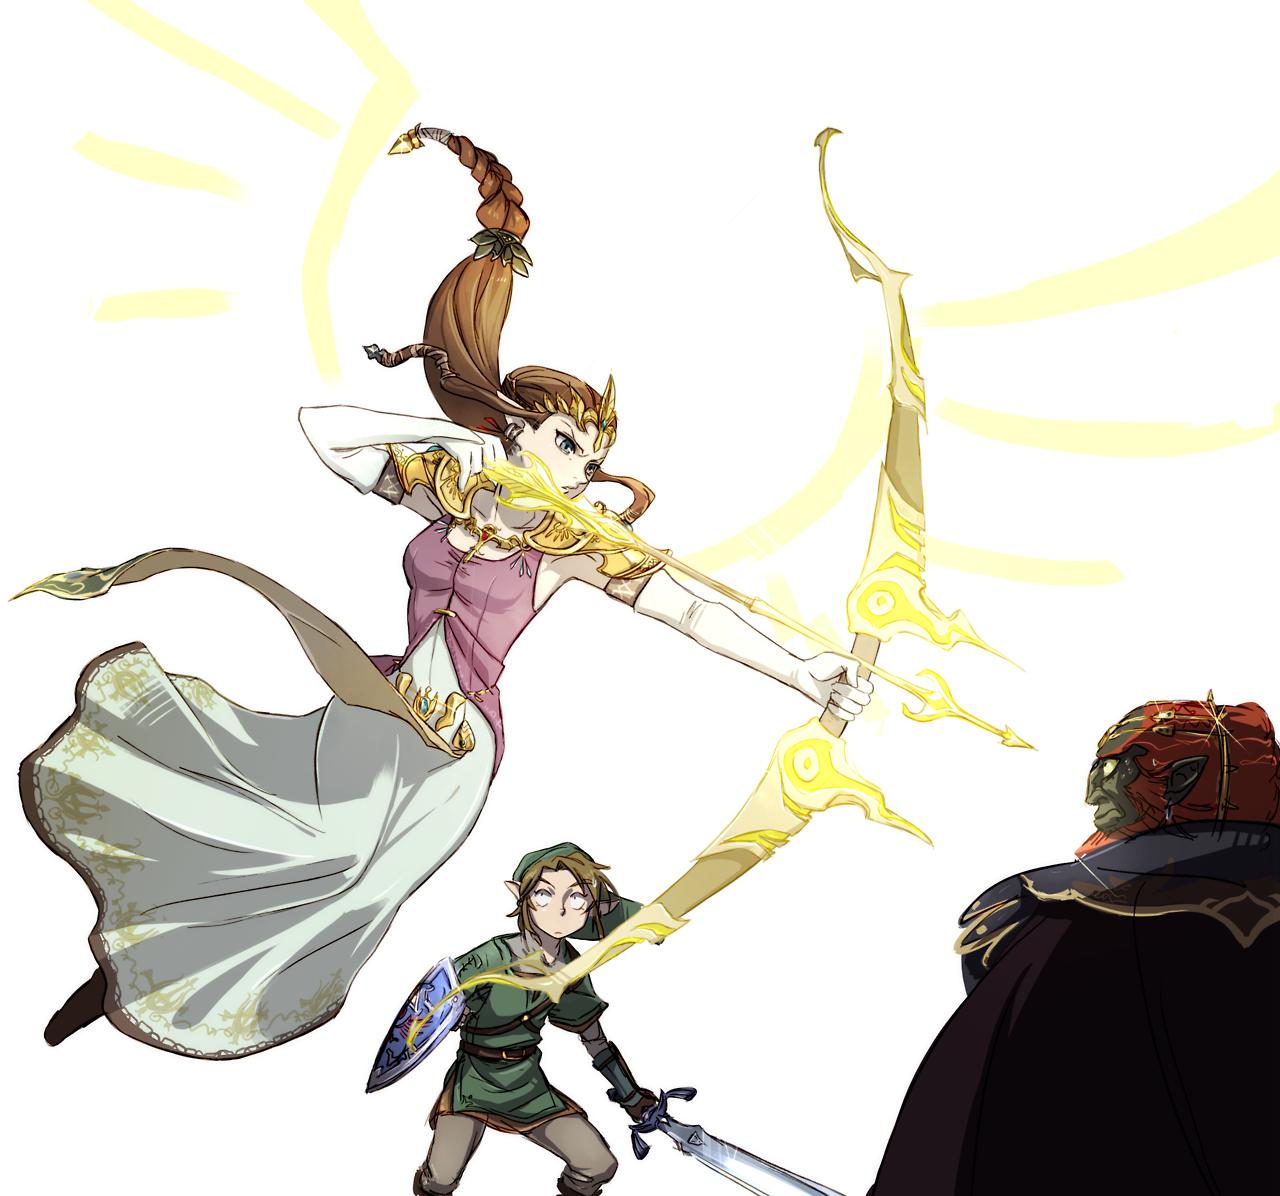 Zelda No Densetsu Twilight Princess Image 1747564